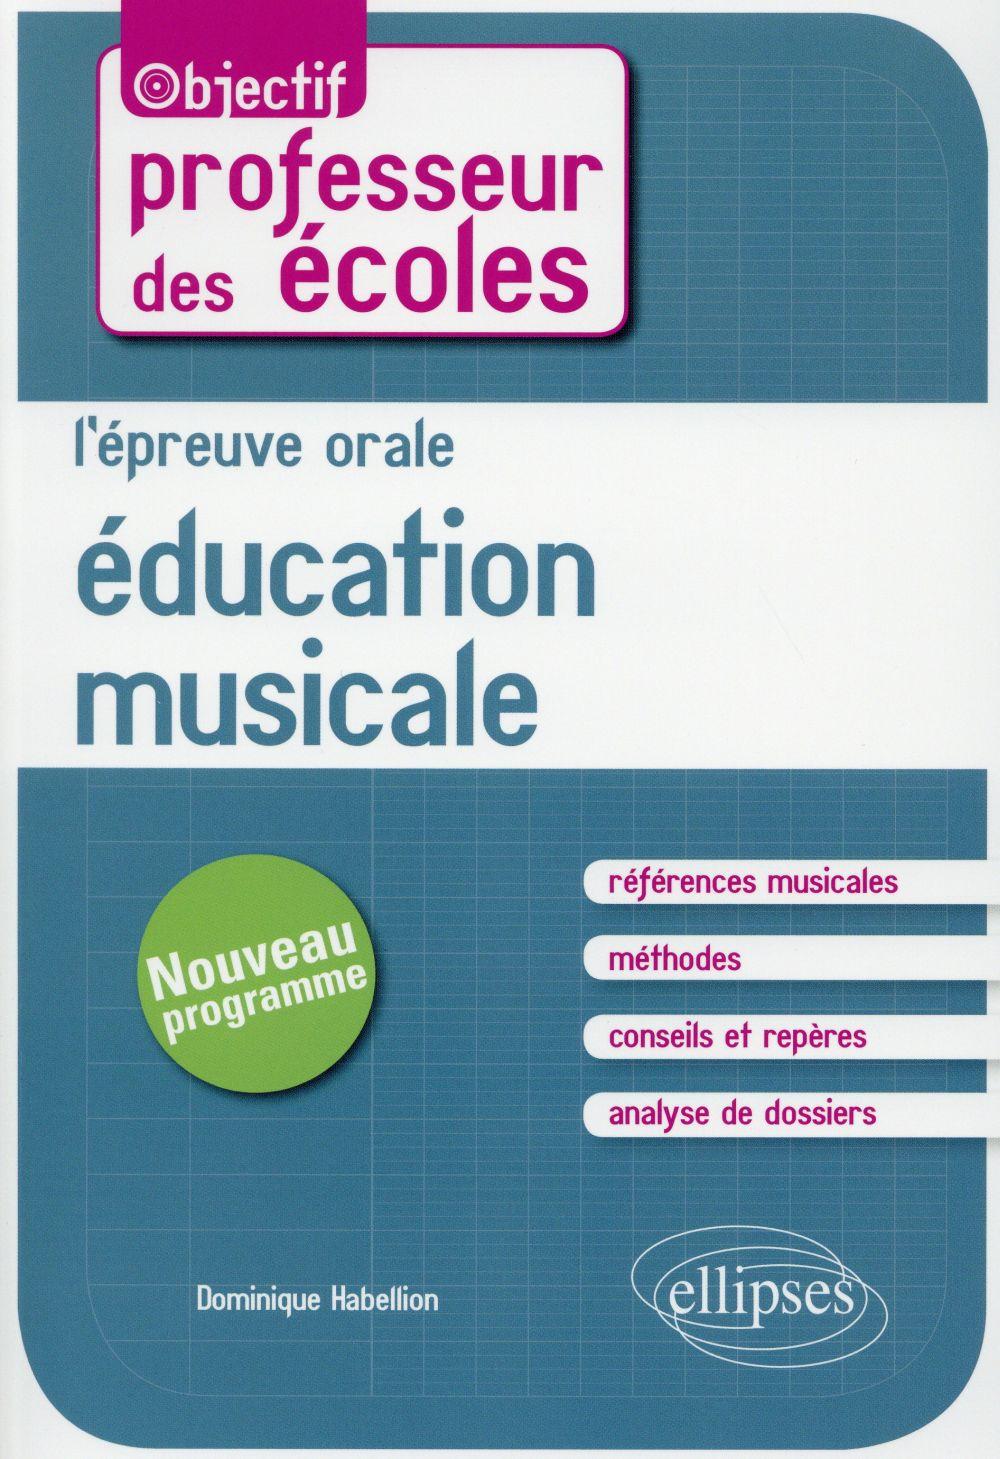 l'épreuve orale d'éducation musicale au concours de professeur des écoles